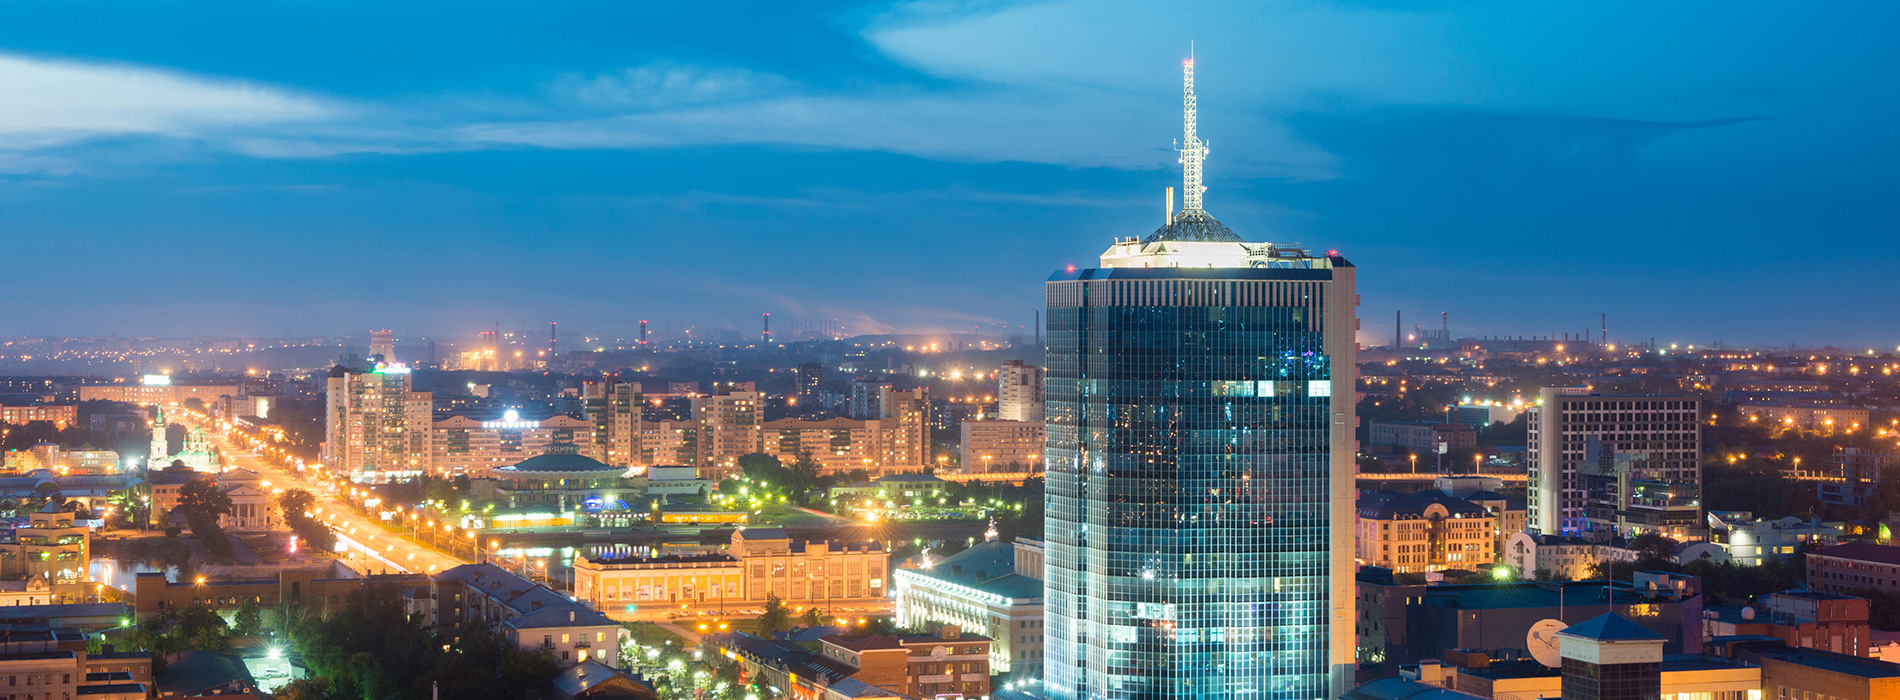 Челябинск без штампов